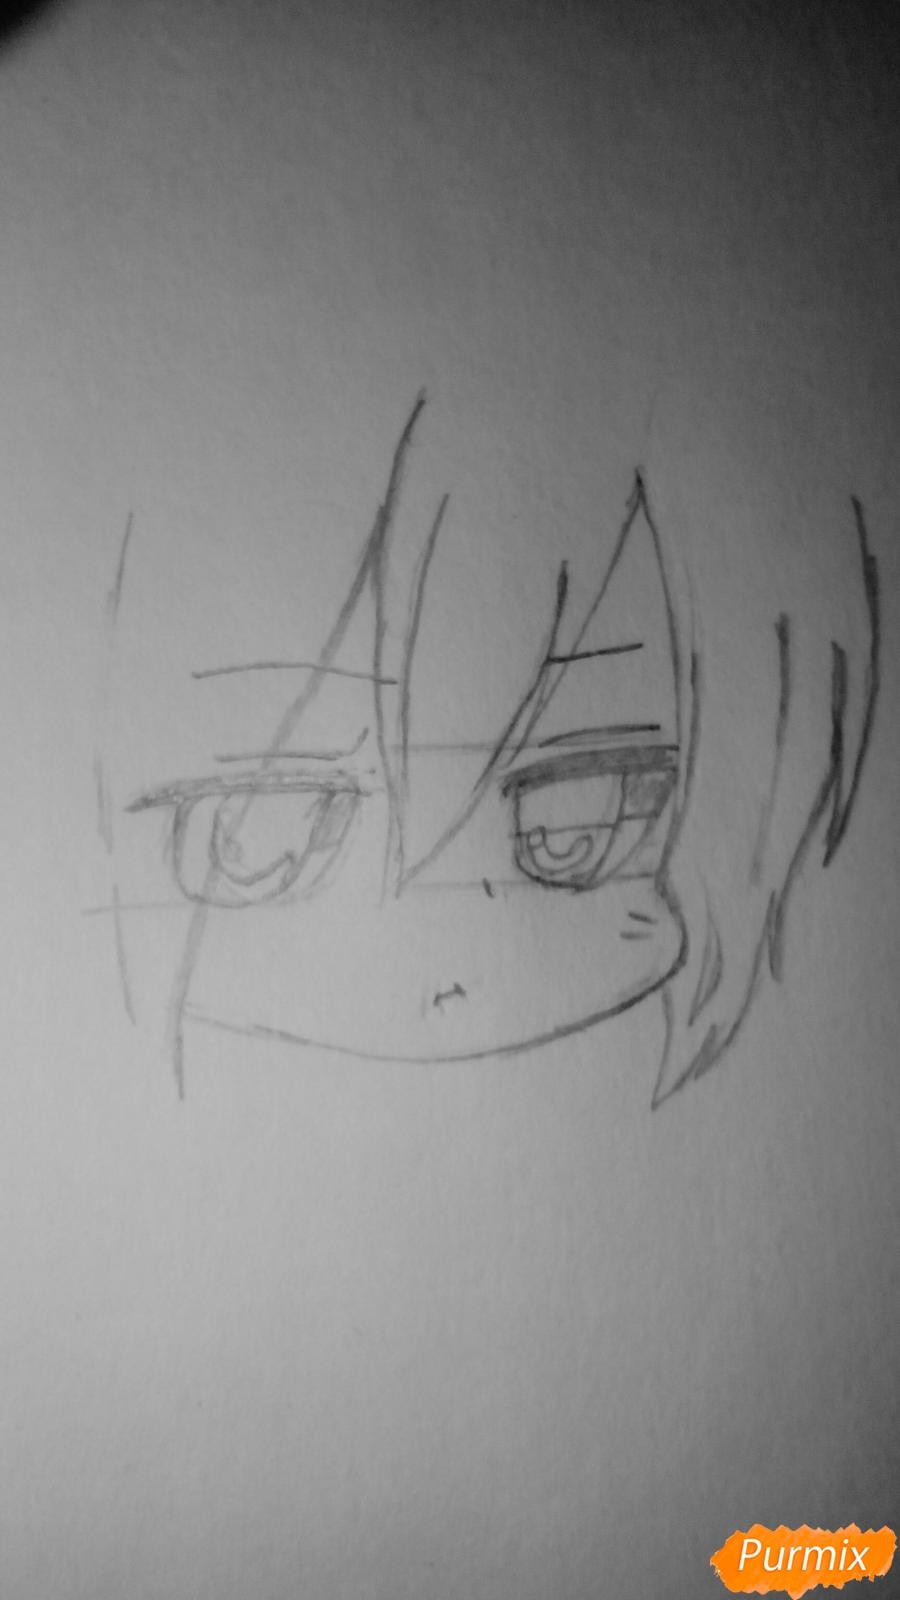 Рисуем чиби Сайто Хаджиме из аниме Сказание о демонах сакуры - шаг 2